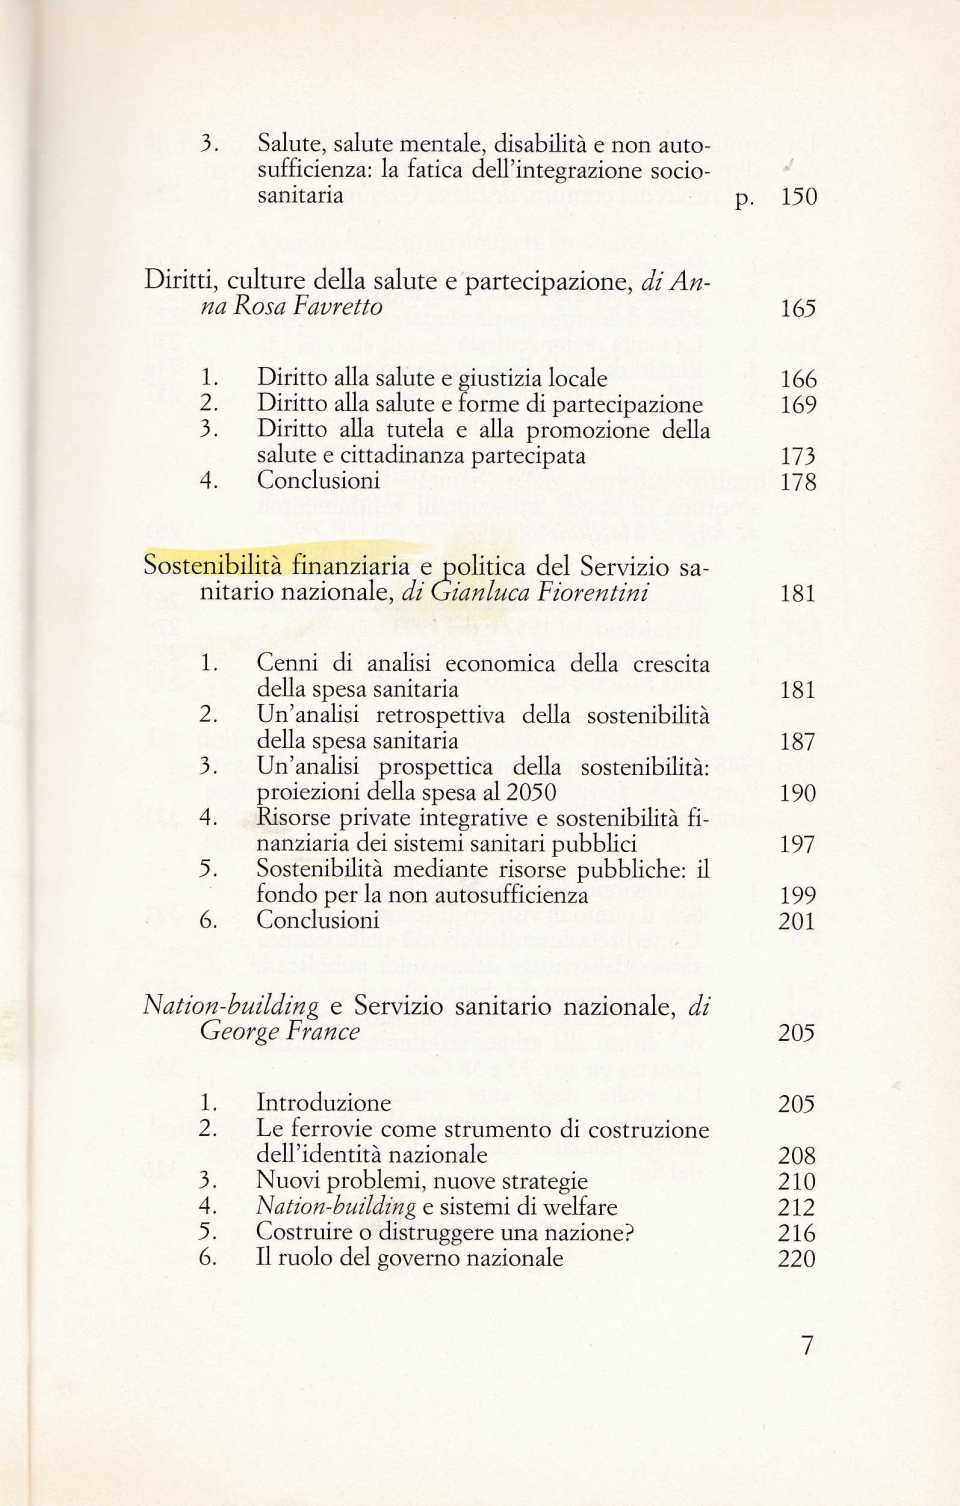 balduzzi1465